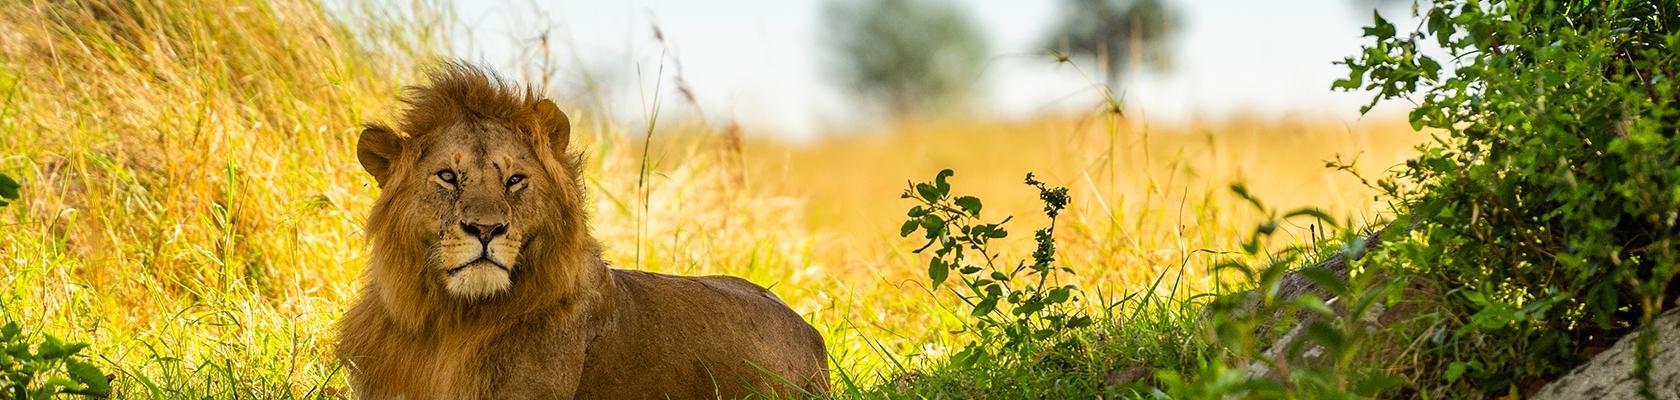 Serengeti Nationaal Park (Tanzania)